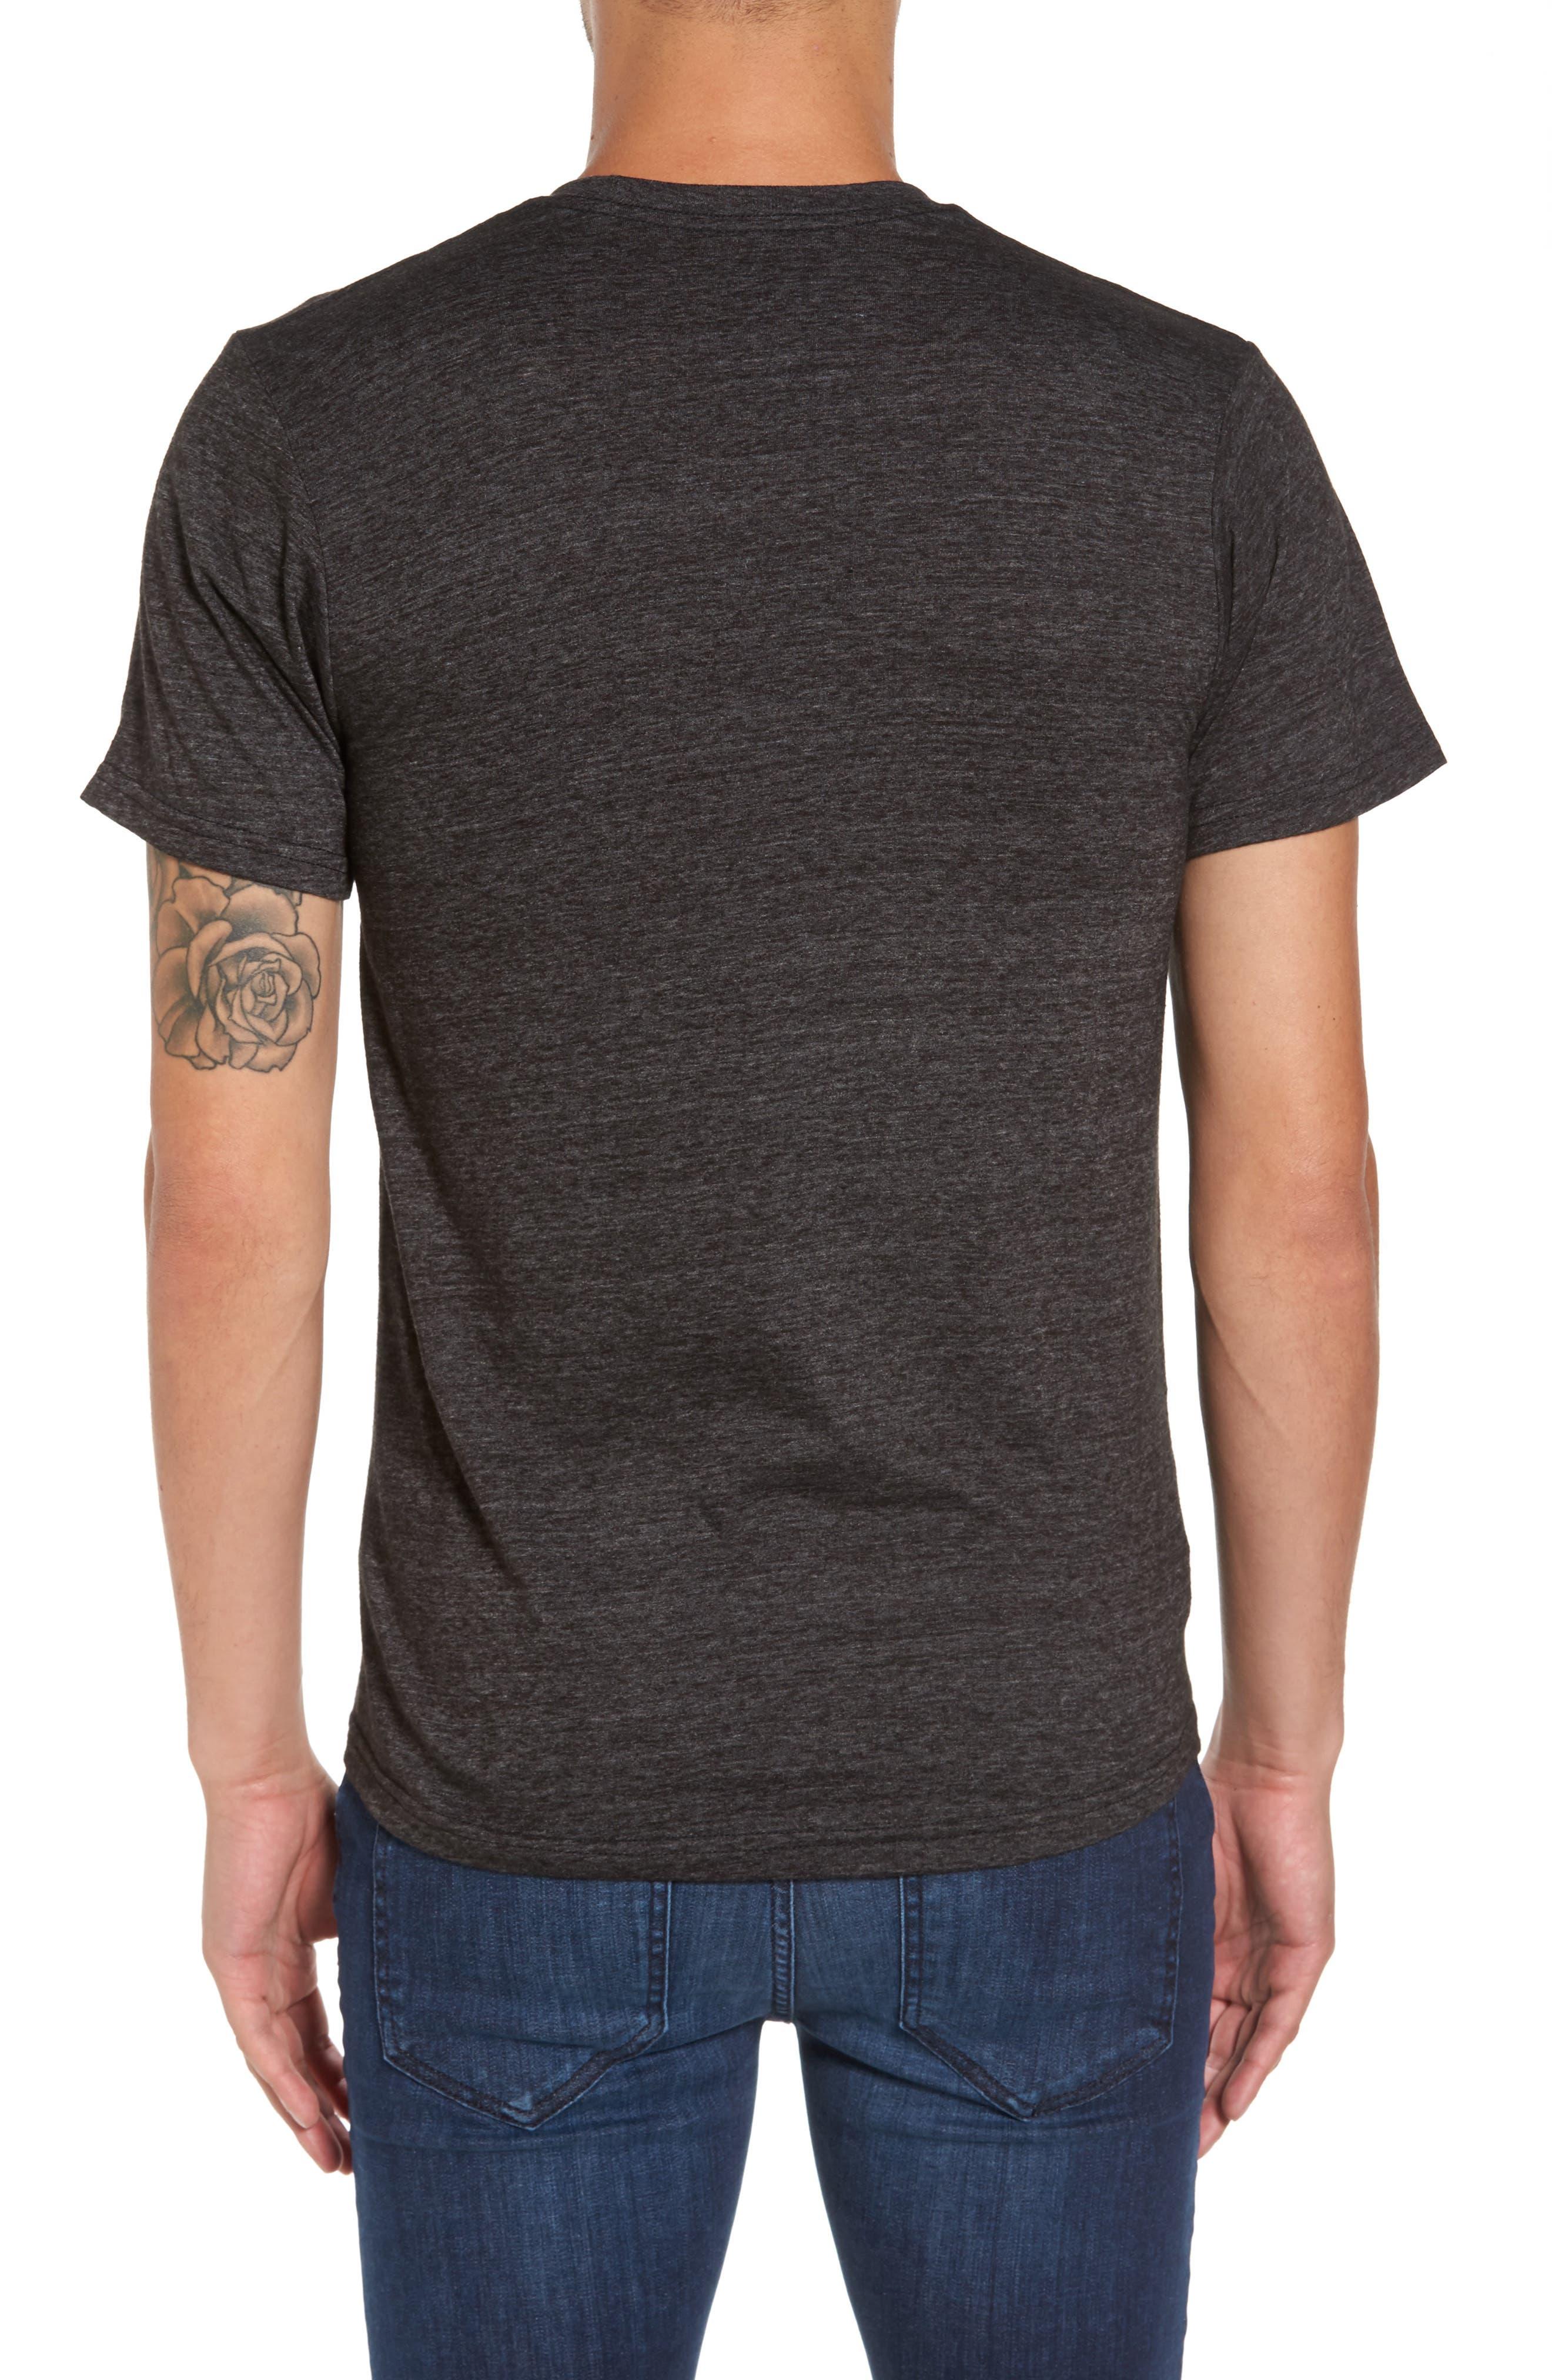 ALTRU,                             Solvem Probler Graphic T-Shirt,                             Alternate thumbnail 2, color,                             020